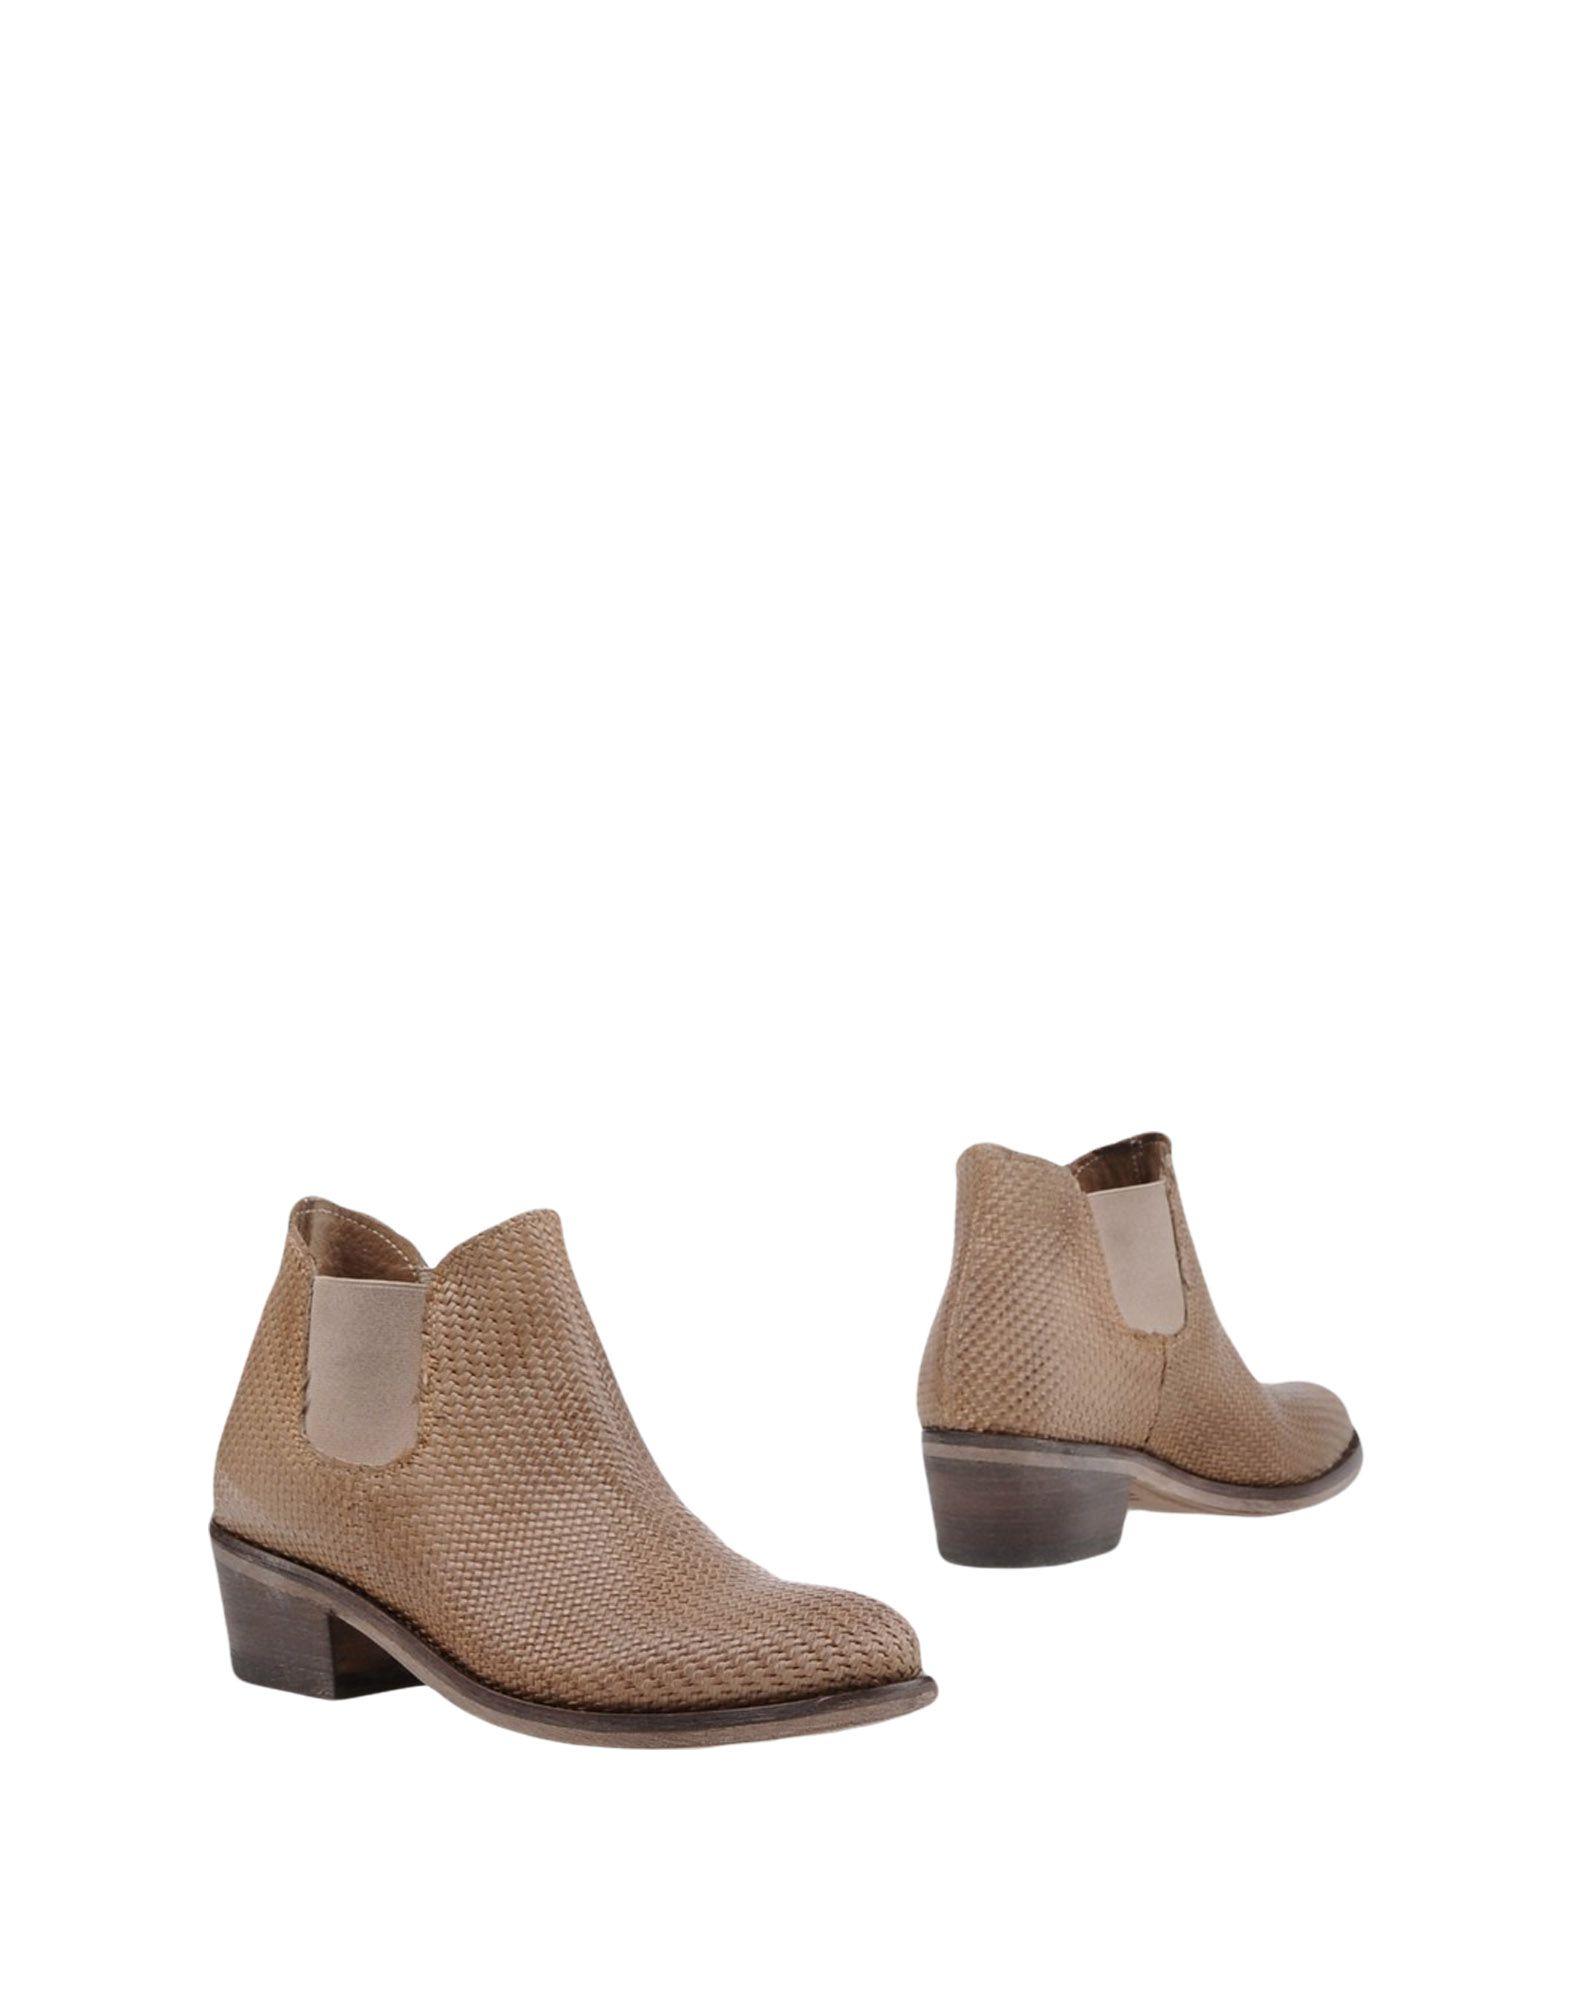 Seboy's Seboy's Seboy's Stiefelette Damen  11363865OJ Gute Qualität beliebte Schuhe 673eaa